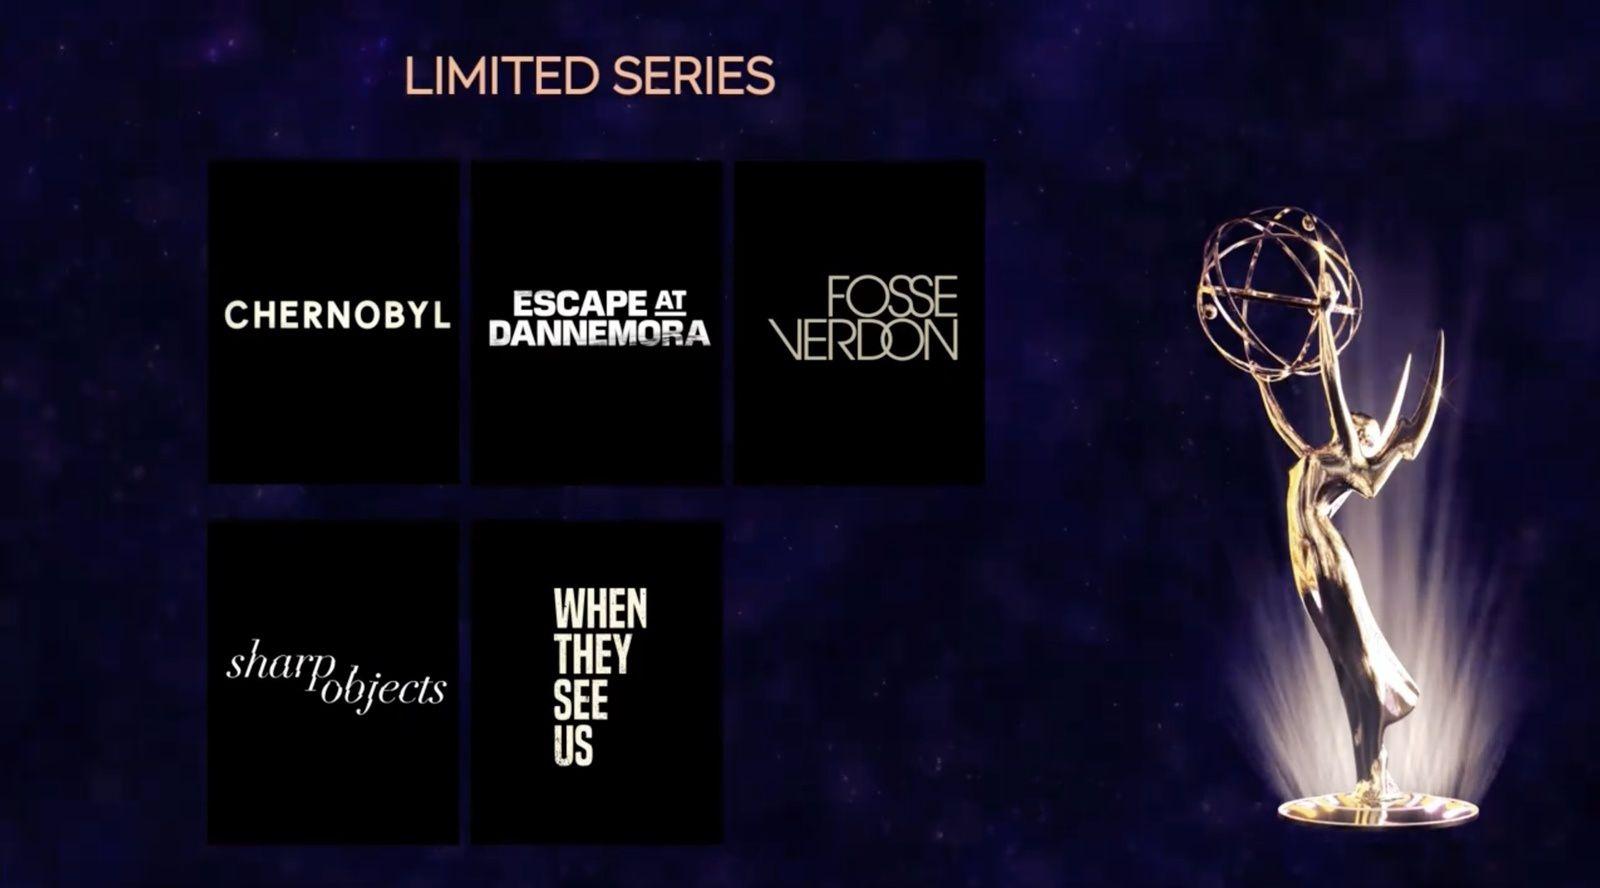 Palmarès des Emmy Awards 2019 dévoilé cette nuit : GOT et Chernobyl parmi les gros favoris.